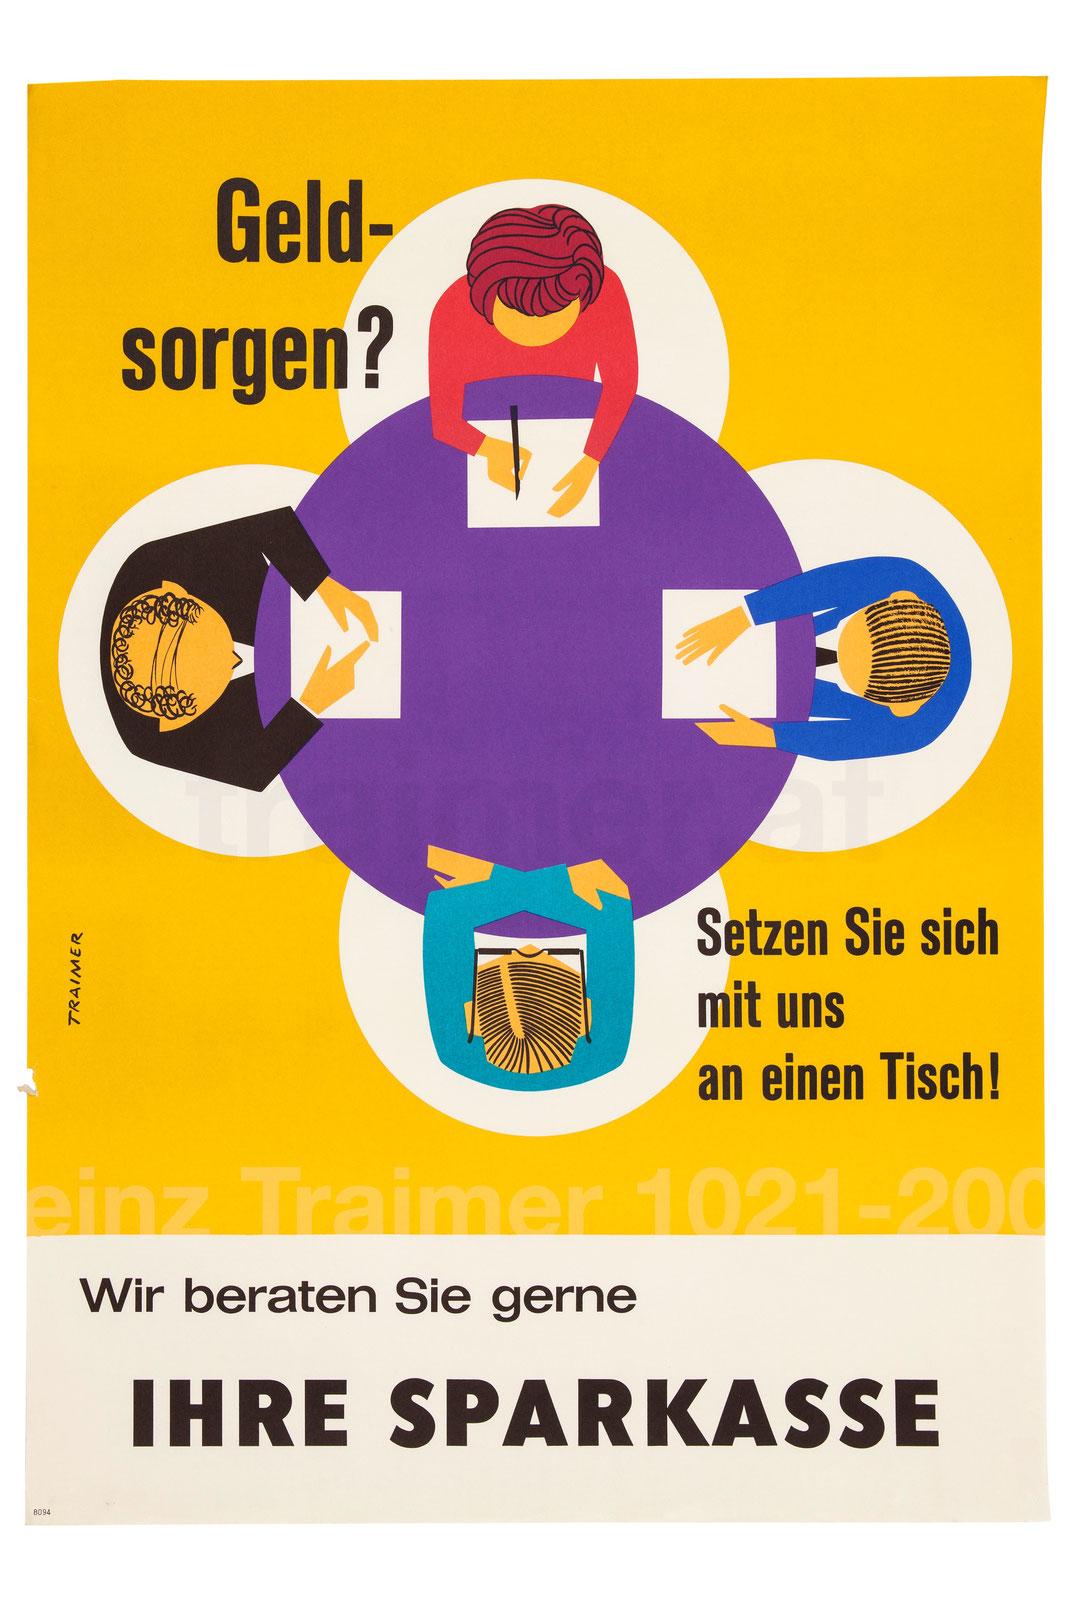 Geldsorgen Sparkasse Plakat Poster 1960er Jahre